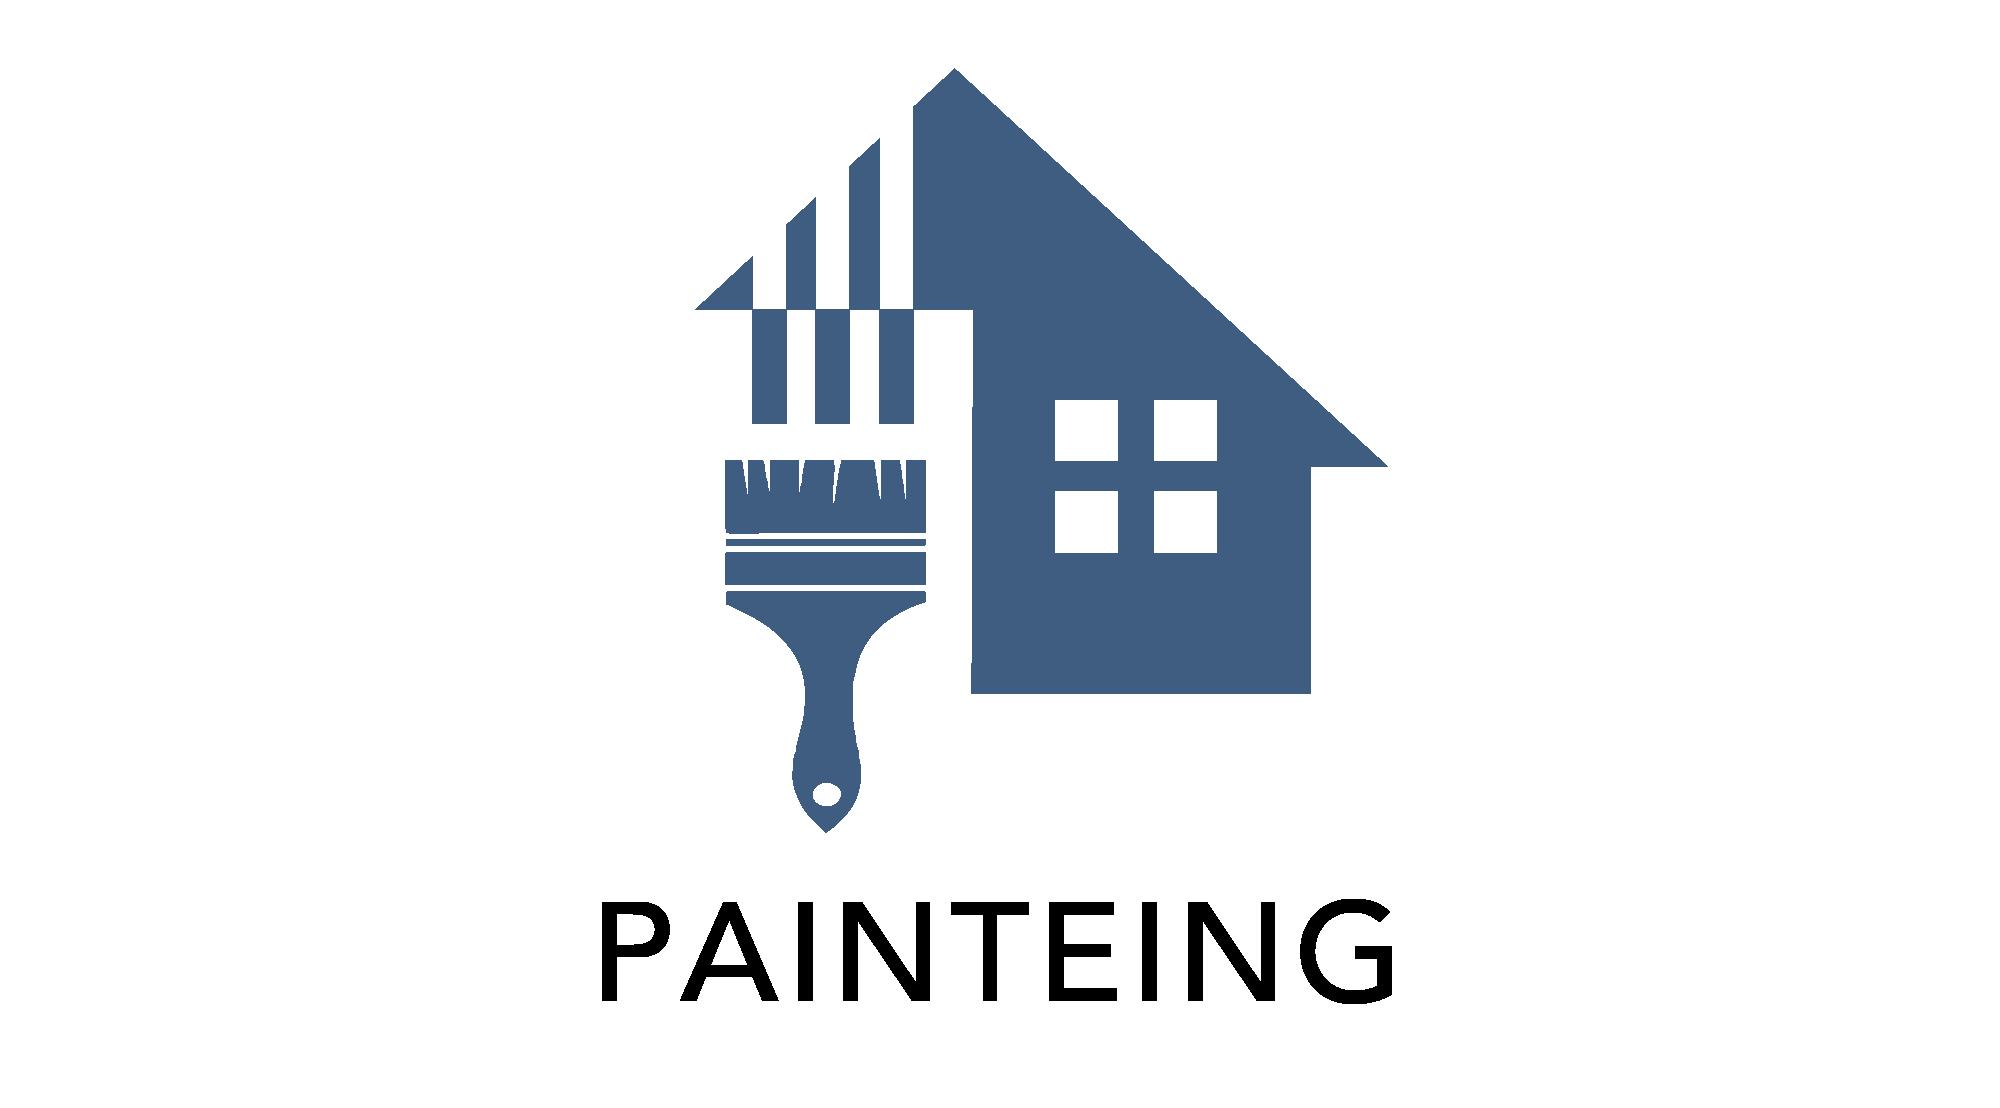 大分県日田市の外壁や屋根塗装・一戸建て住宅の事なら新和リファイン株式会社のペイント事業部